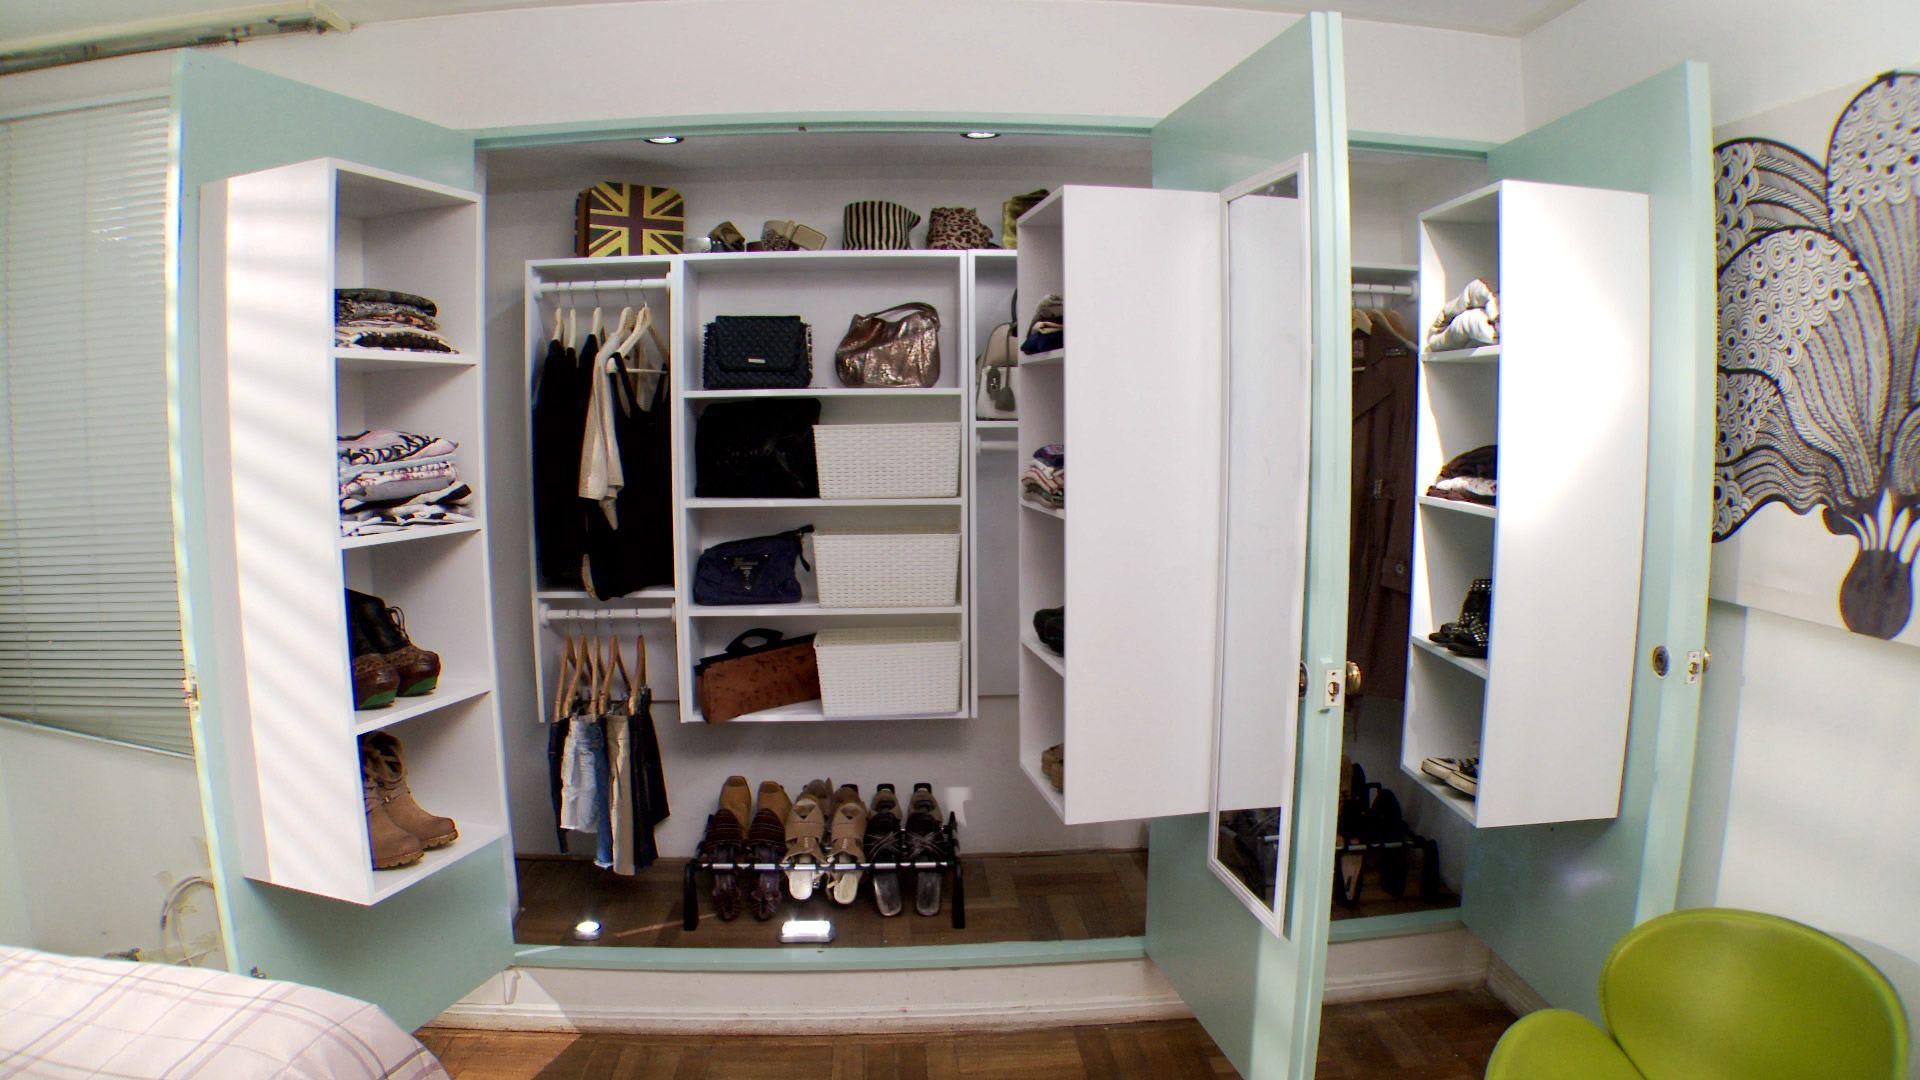 Hágalo Usted Mismo ¿C³mo hacer un walk in closet de tabique